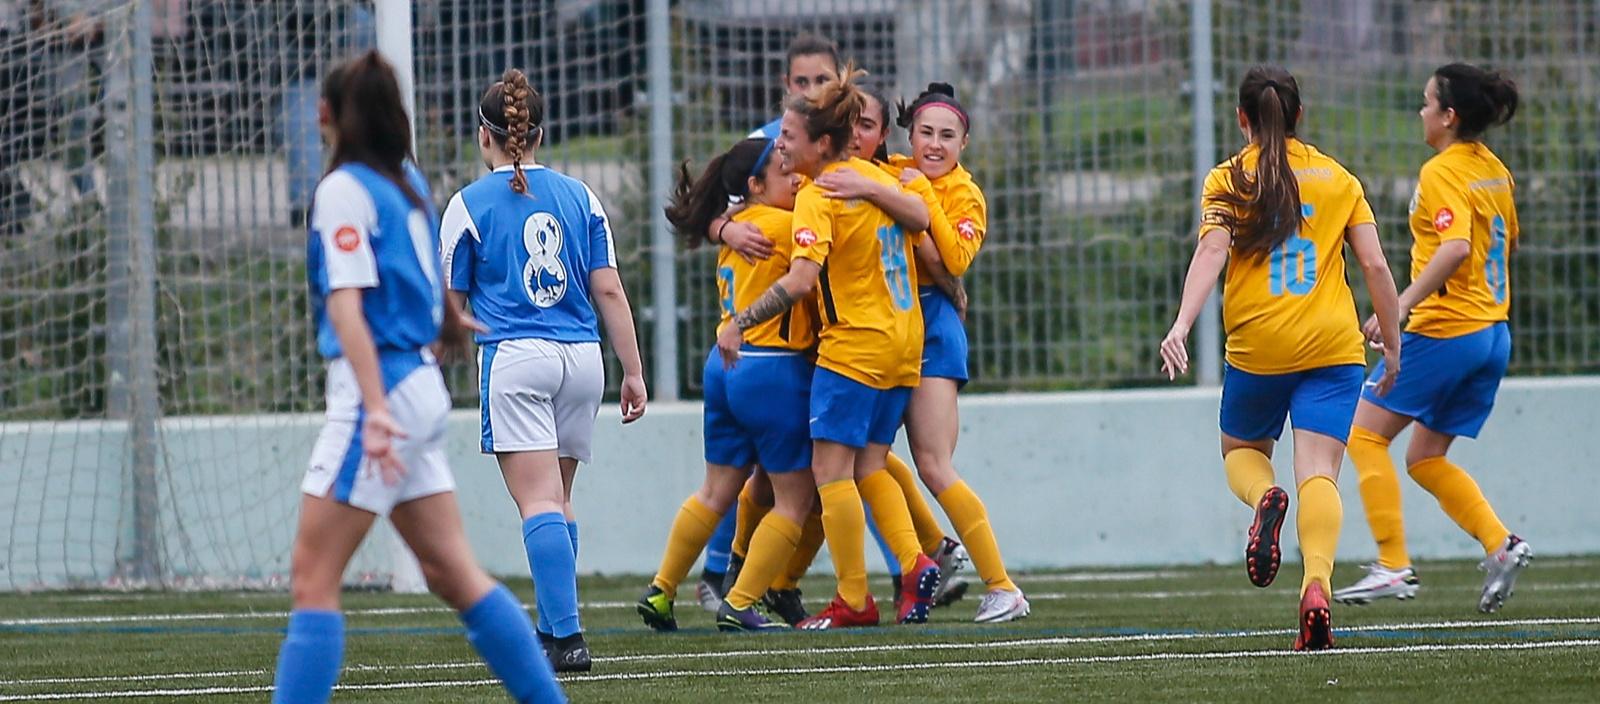 Publicats els grups del futbol femení territorial català